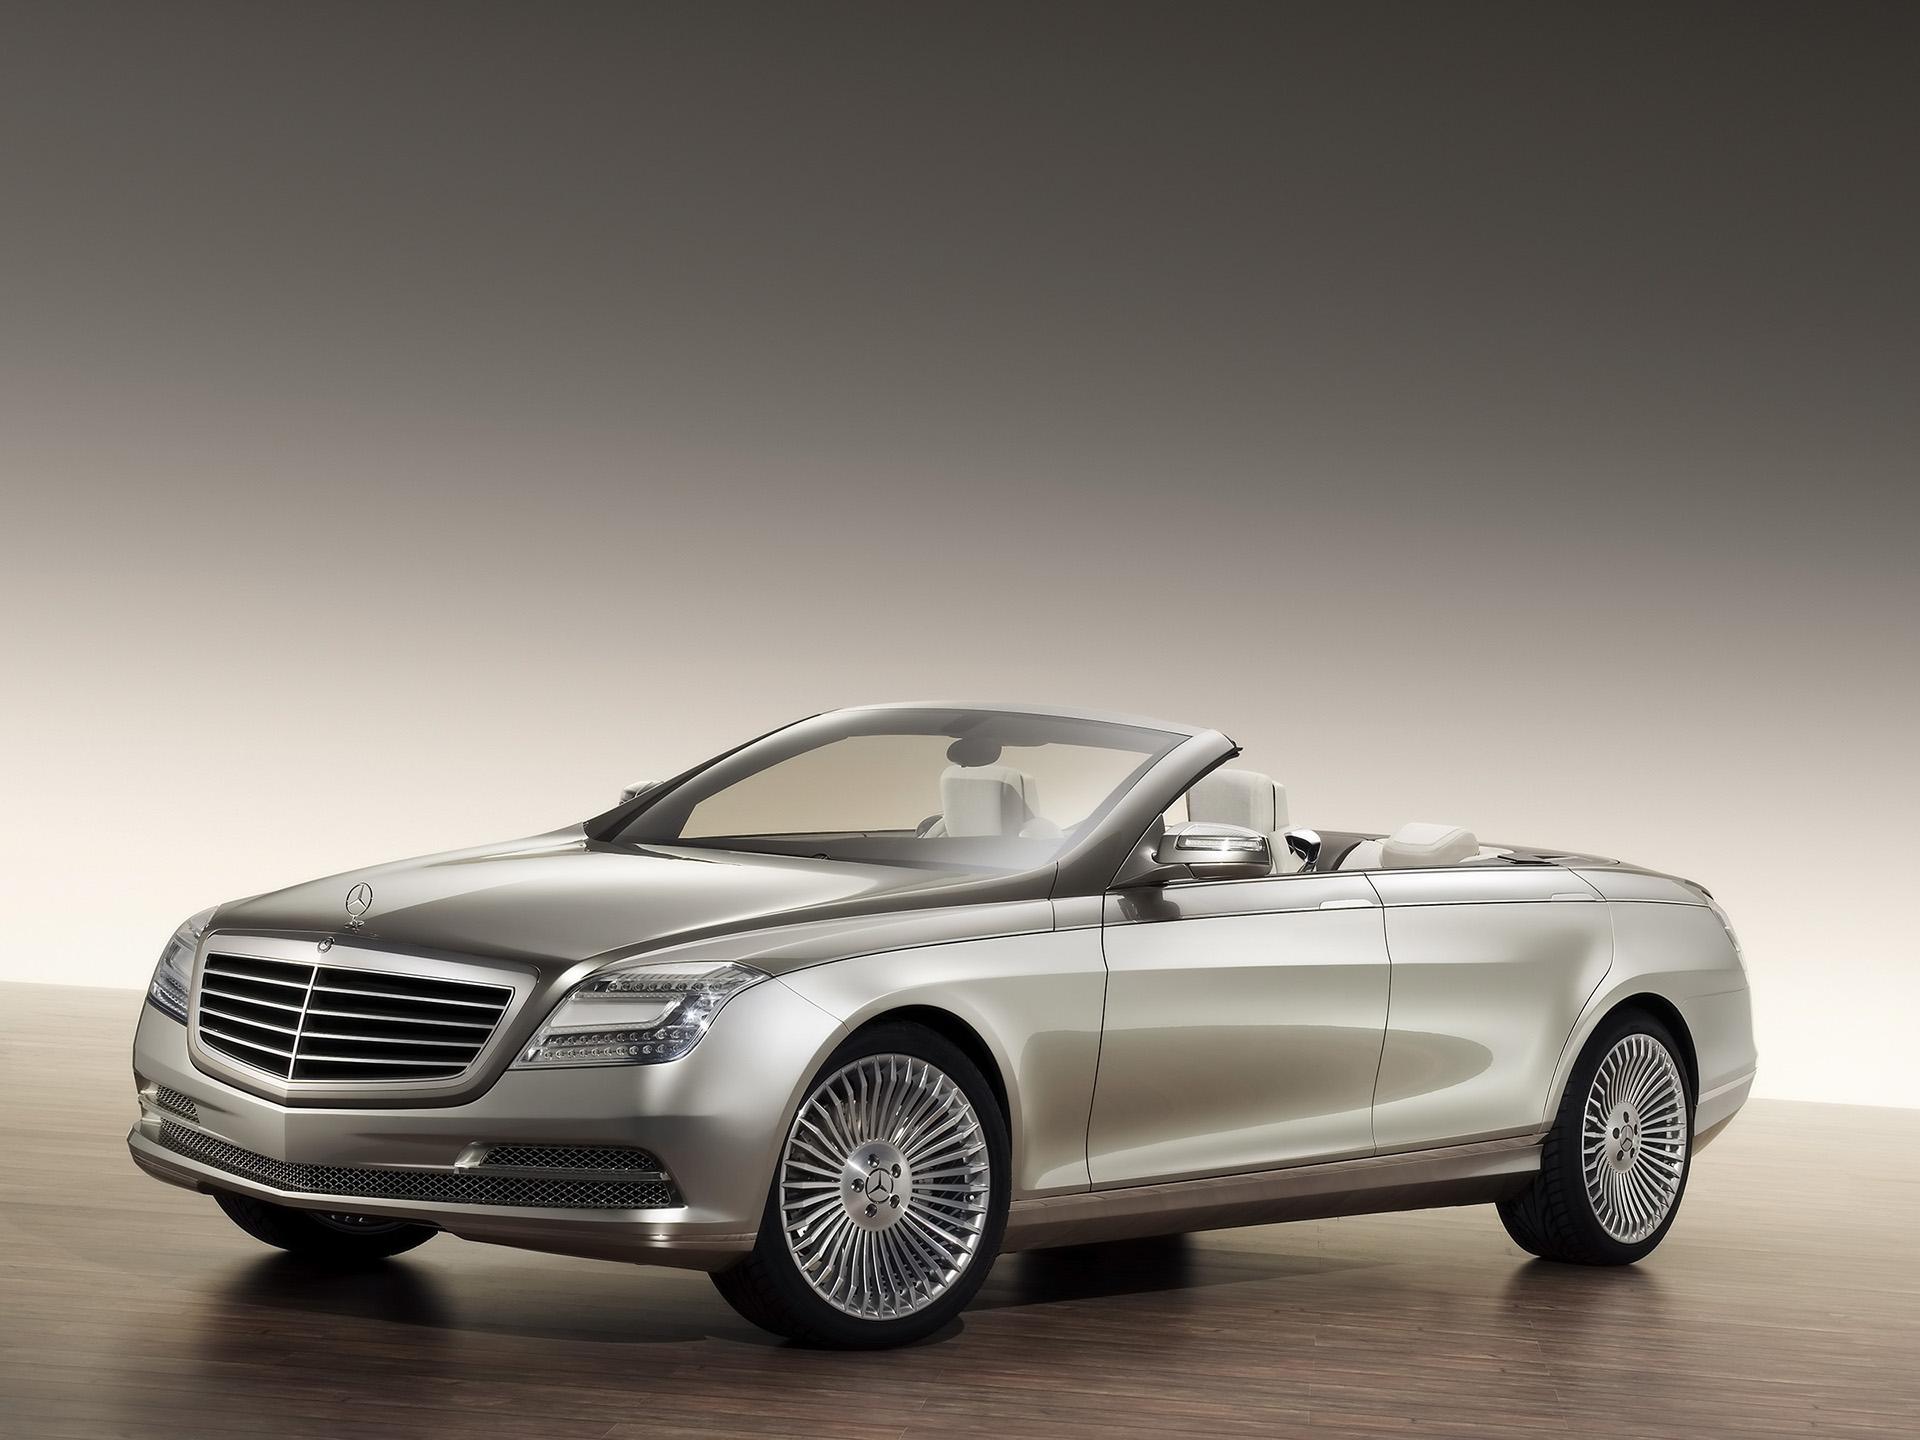 2007 Mercedes Benz Ocean Drive Concept Conceptcarz Com